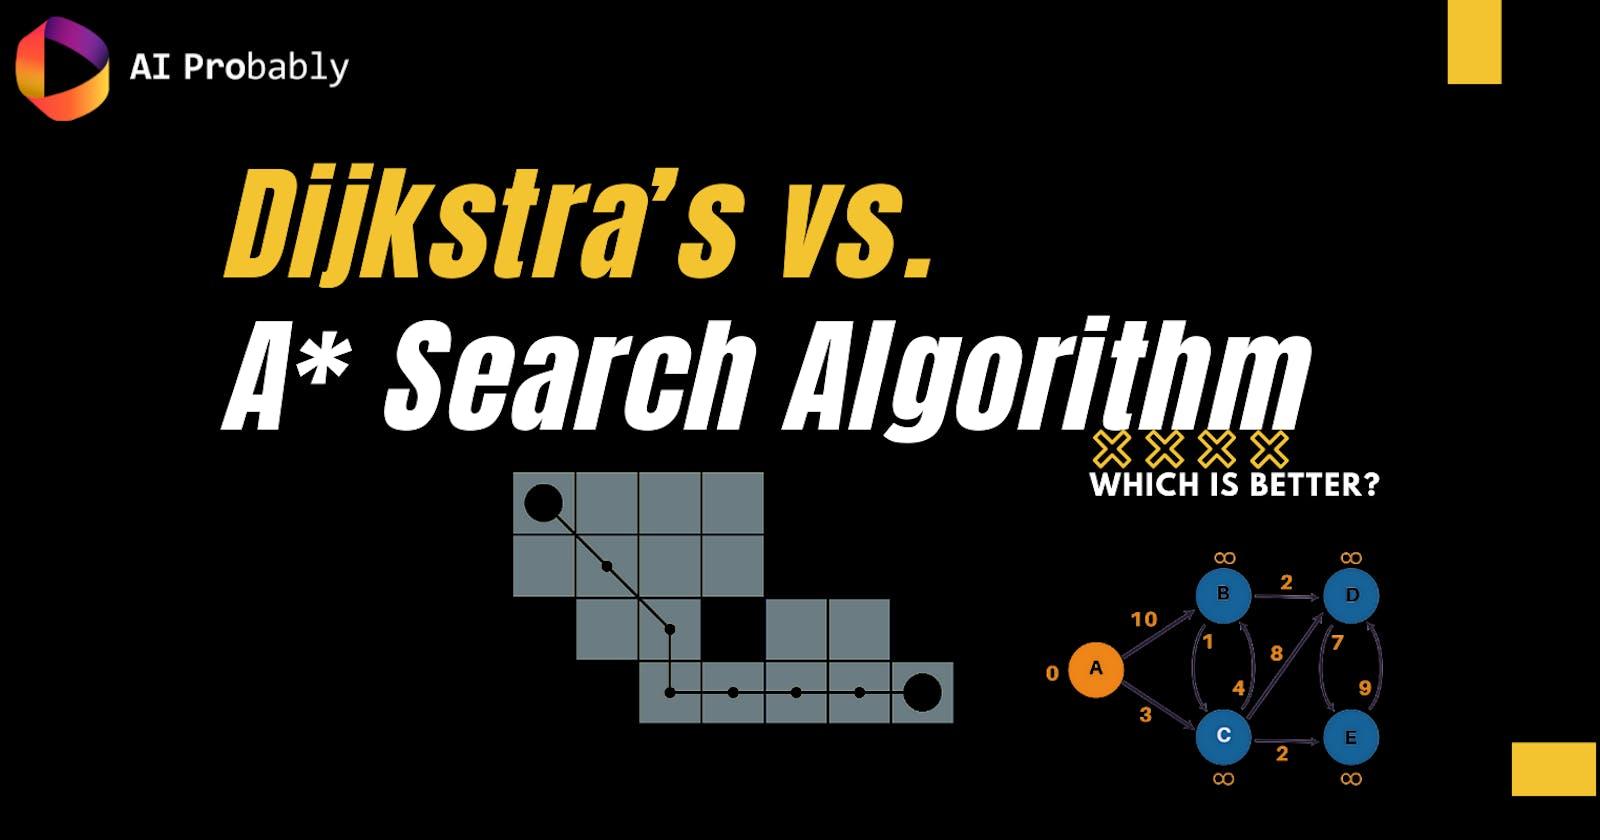 Dijkstra's vs. A* Search Algorithm